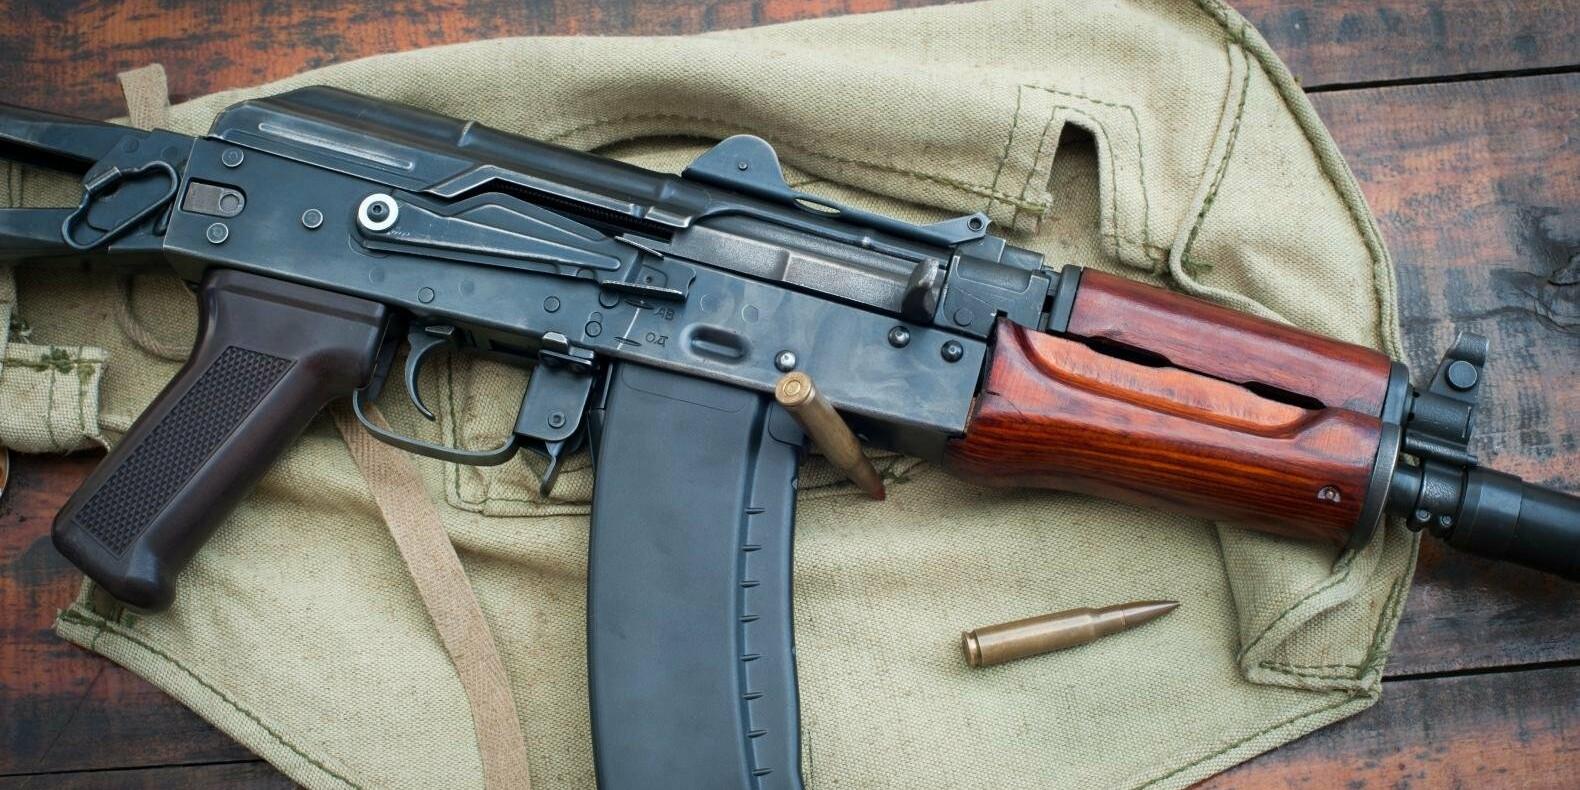 Как зарегистрировать гражданское оружие, рассказали в полиции Алматы